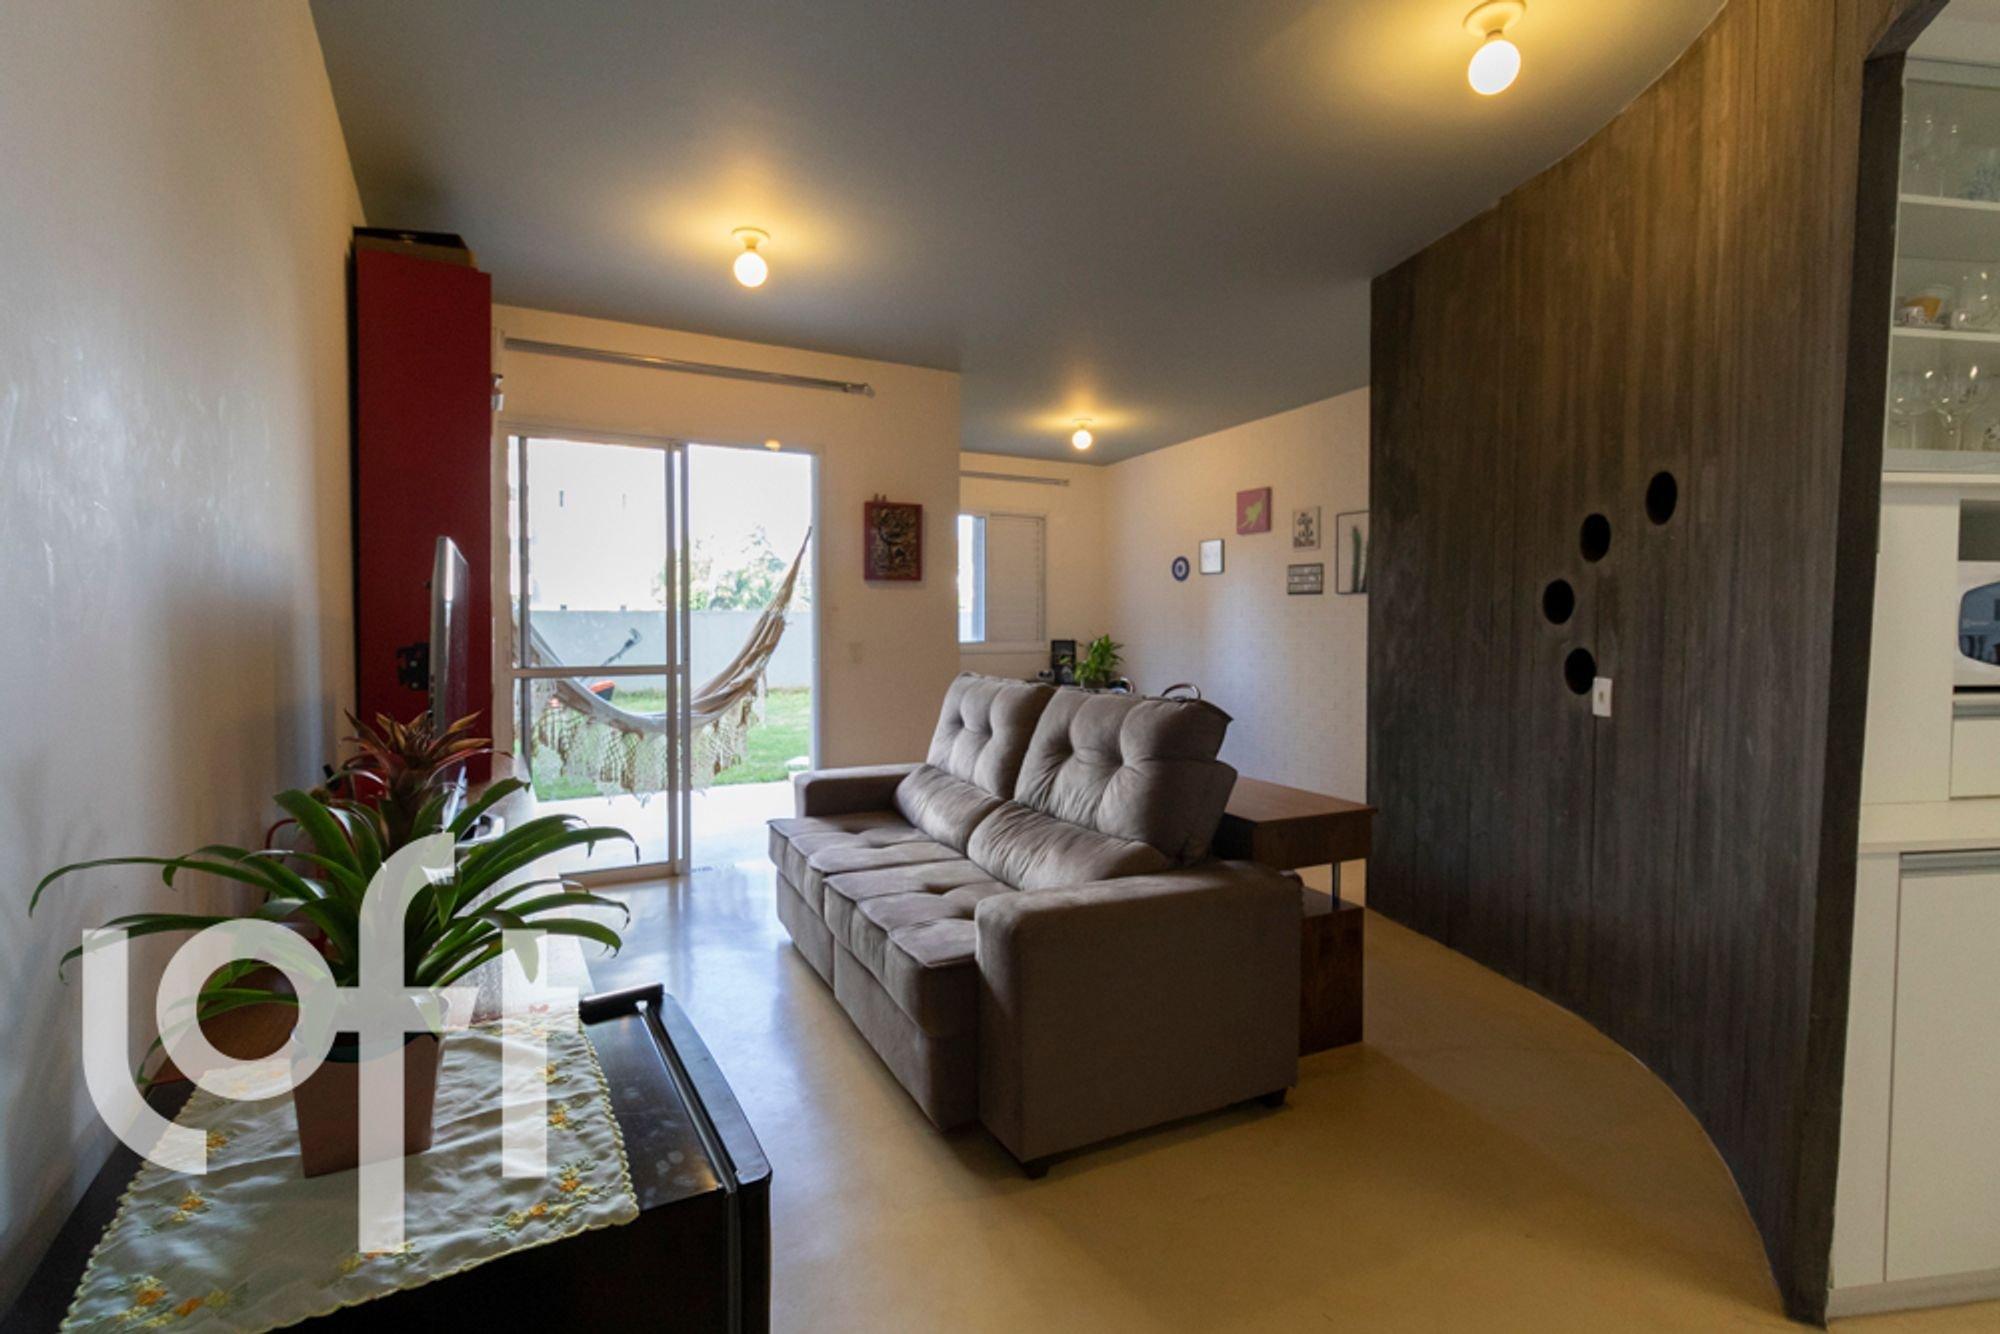 Foto de Sala com vaso de planta, copo de vinho, sofá, xícara